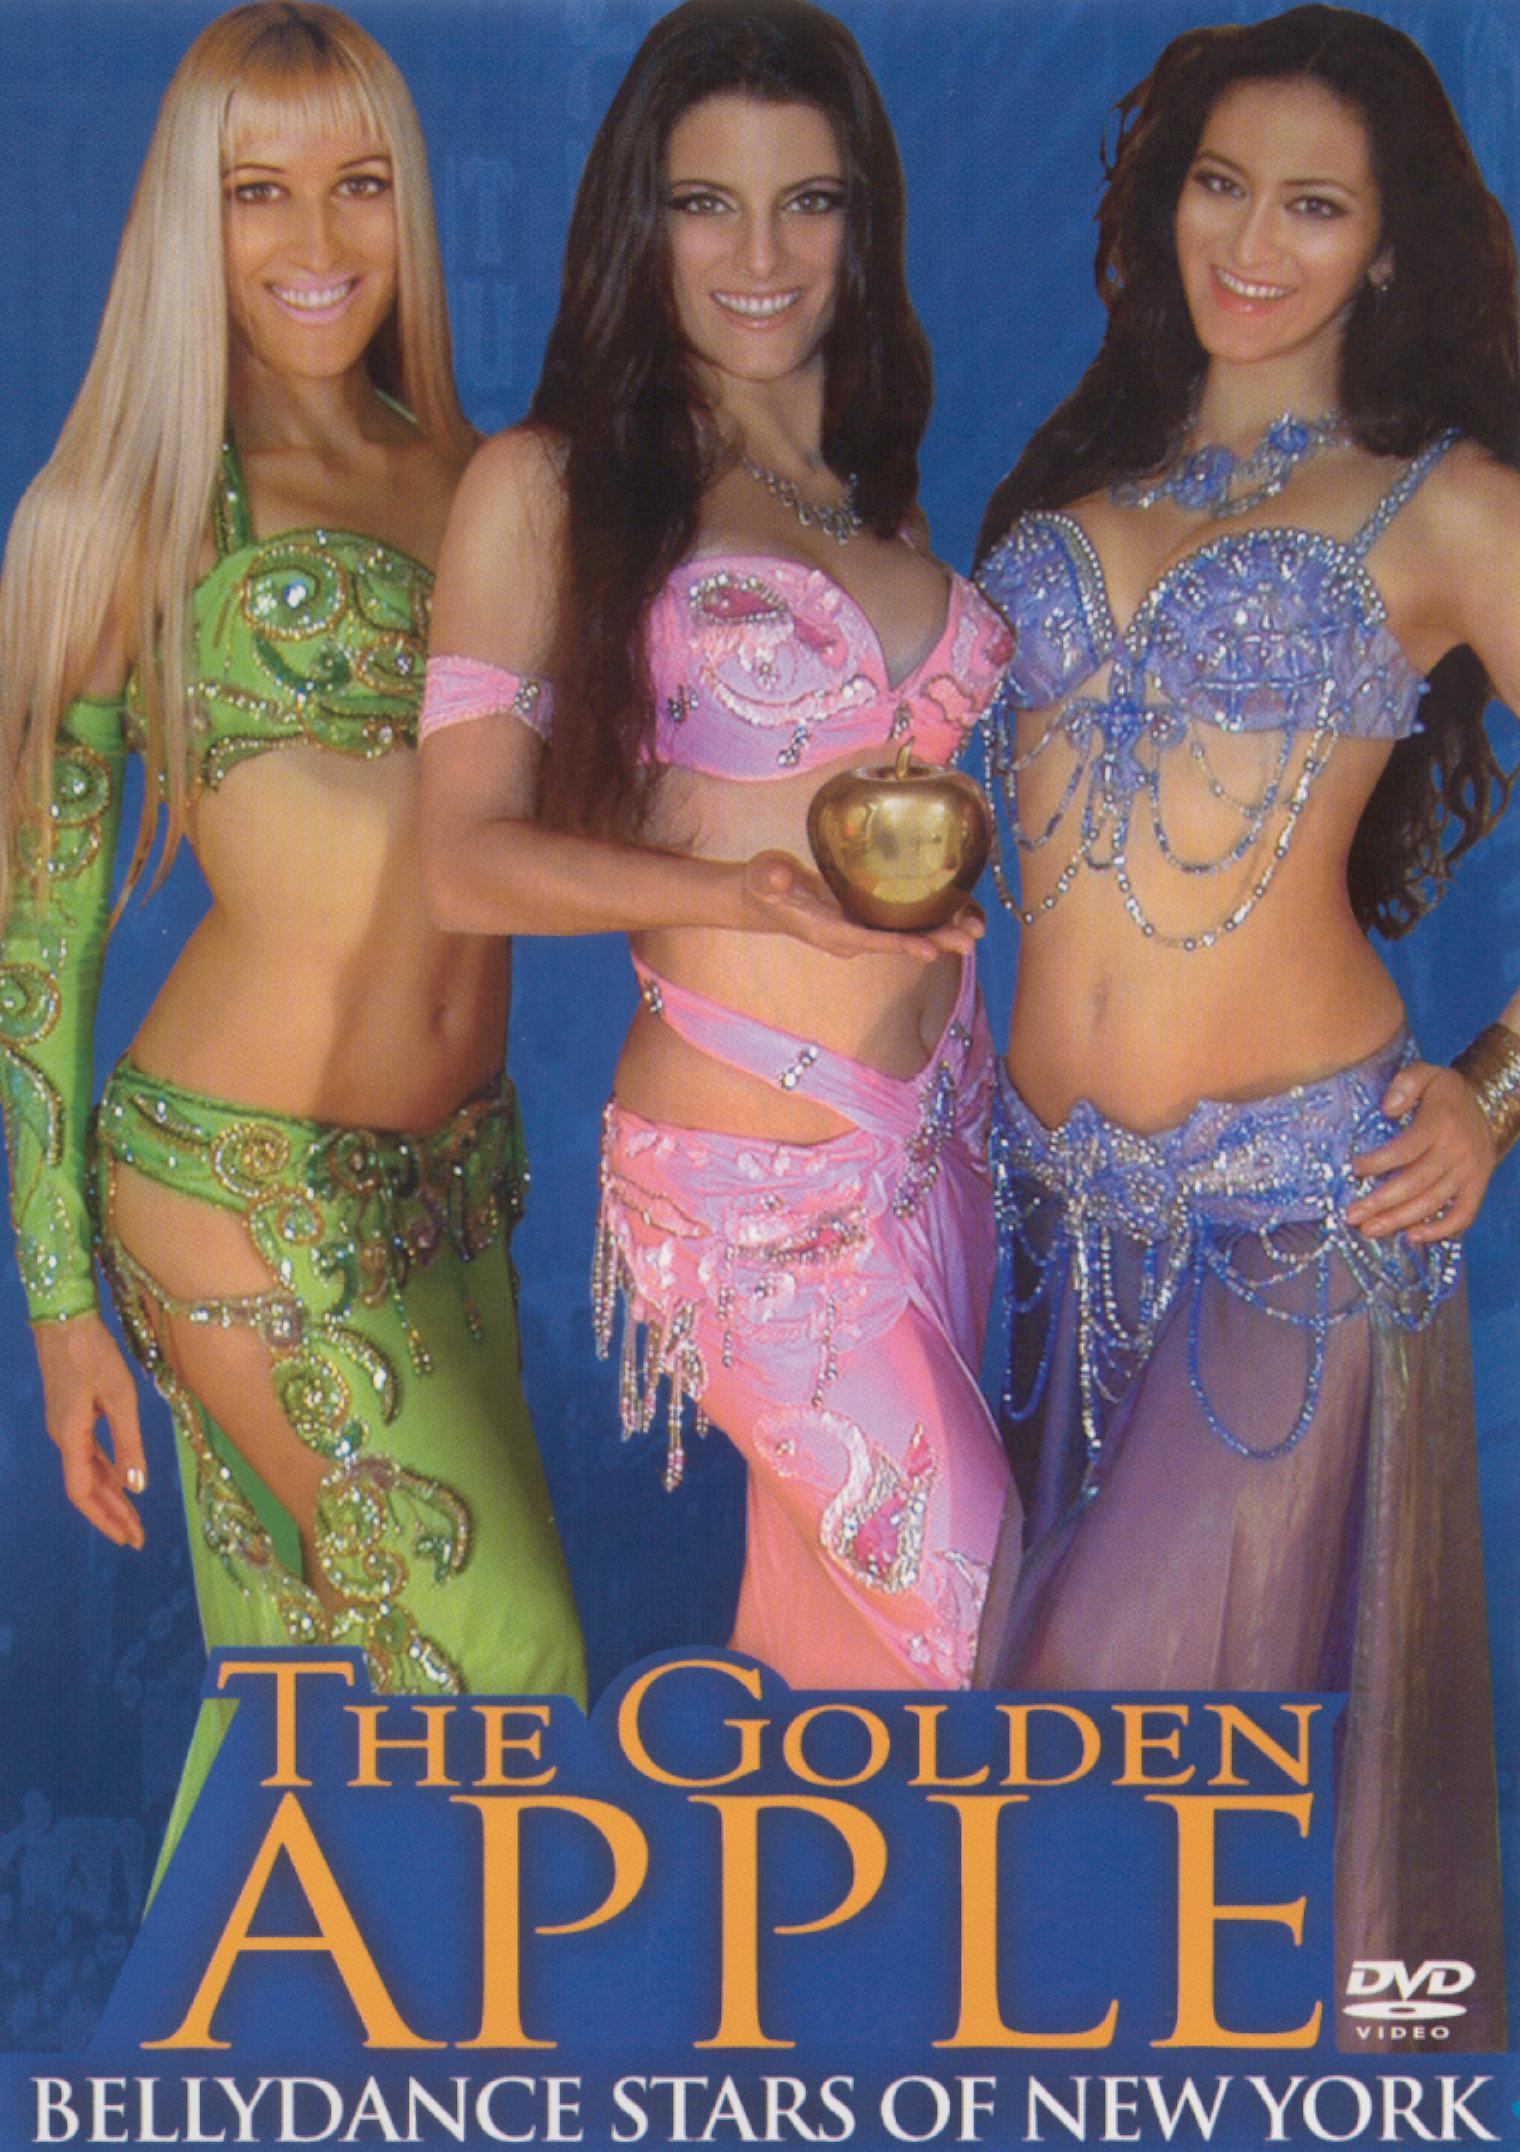 The Golden Apple: Bellydance Stars of New York